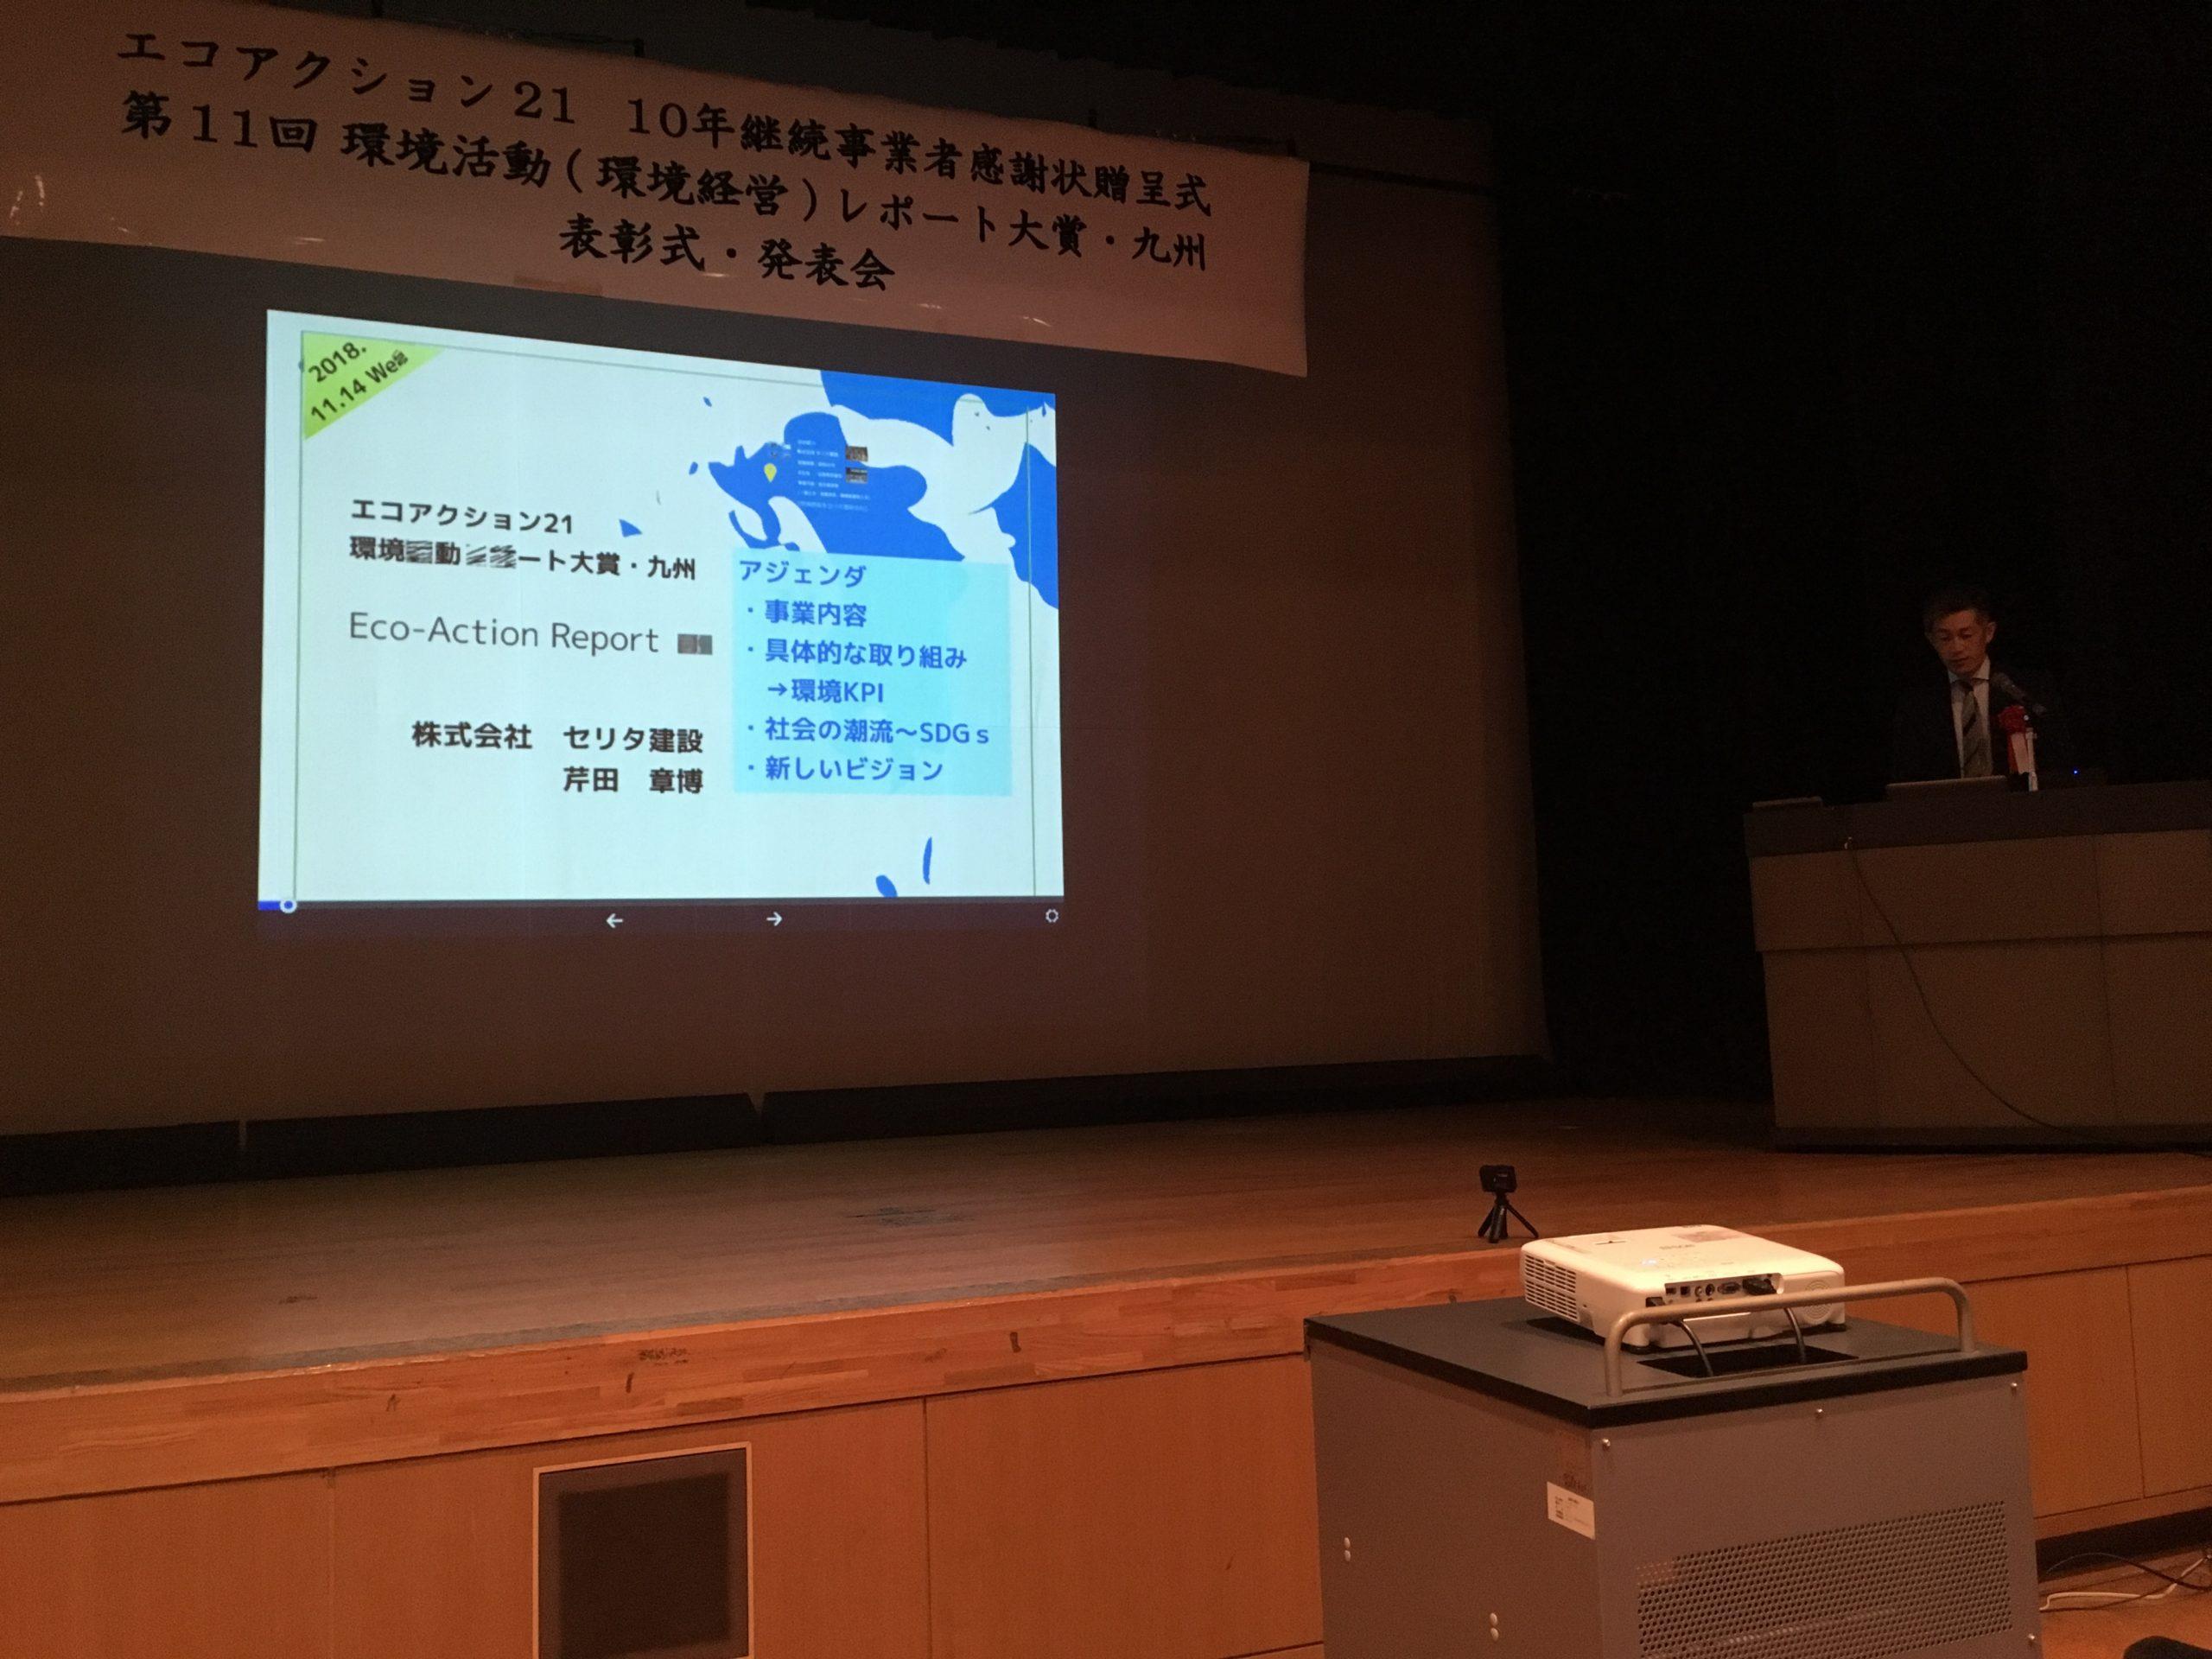 第11回環境活動(環境経営)レポート大賞・九州 表彰式